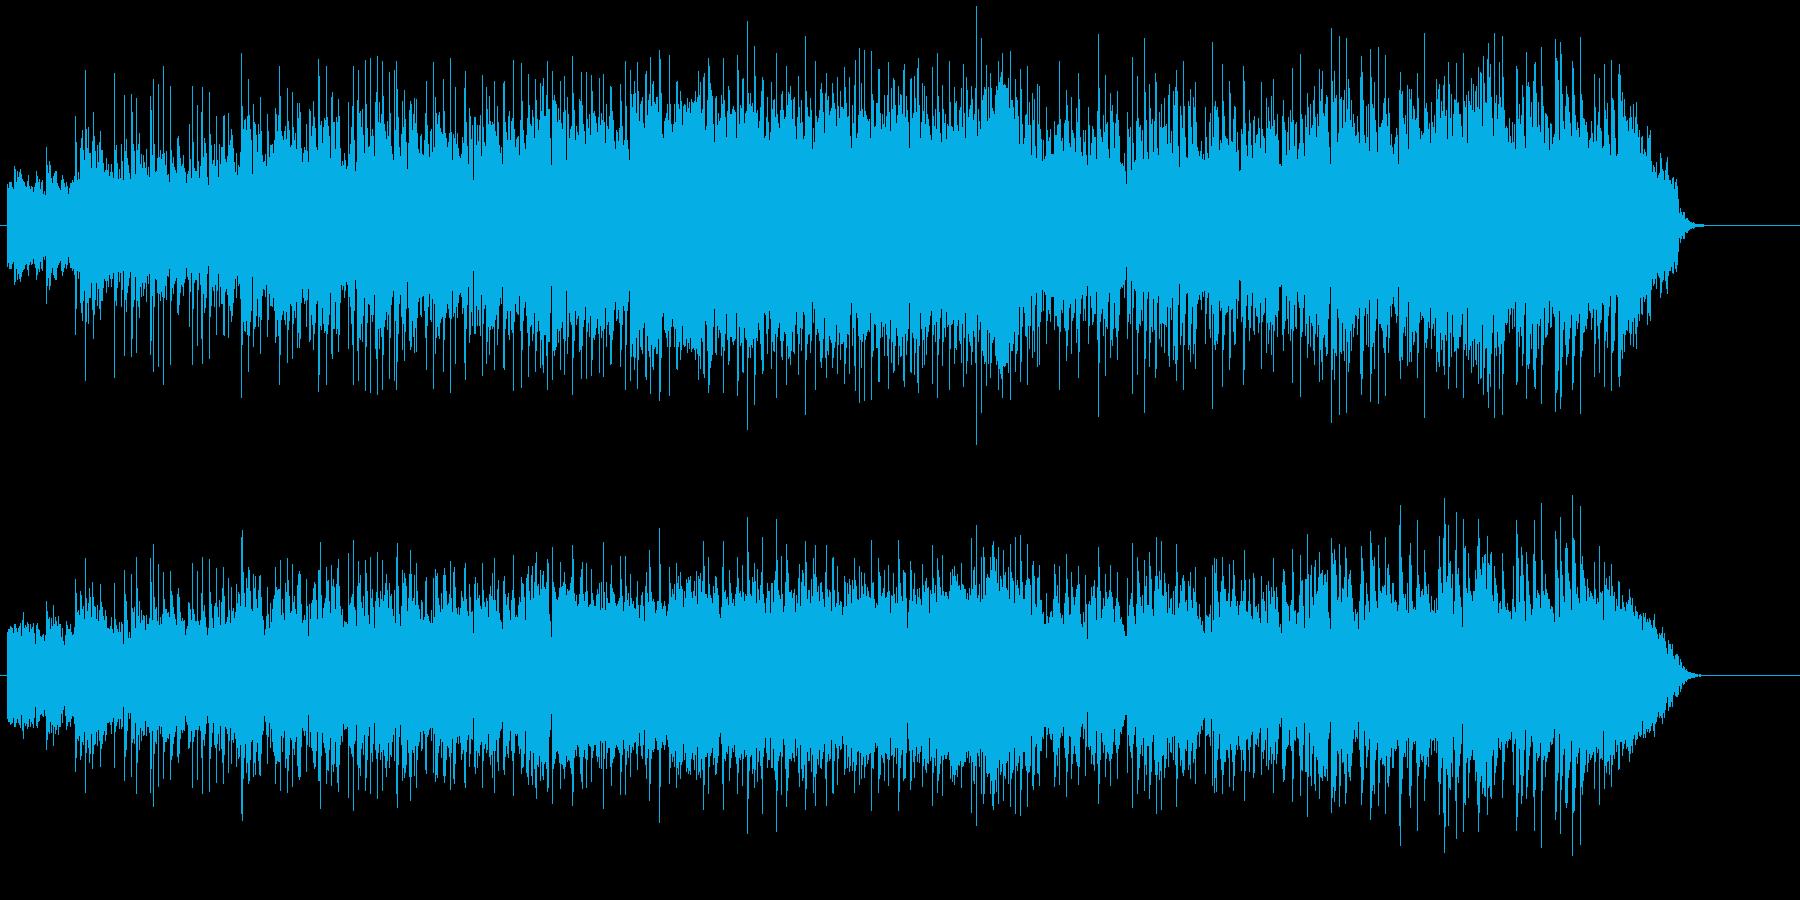 まろやかコラボレーションのフュージョンの再生済みの波形